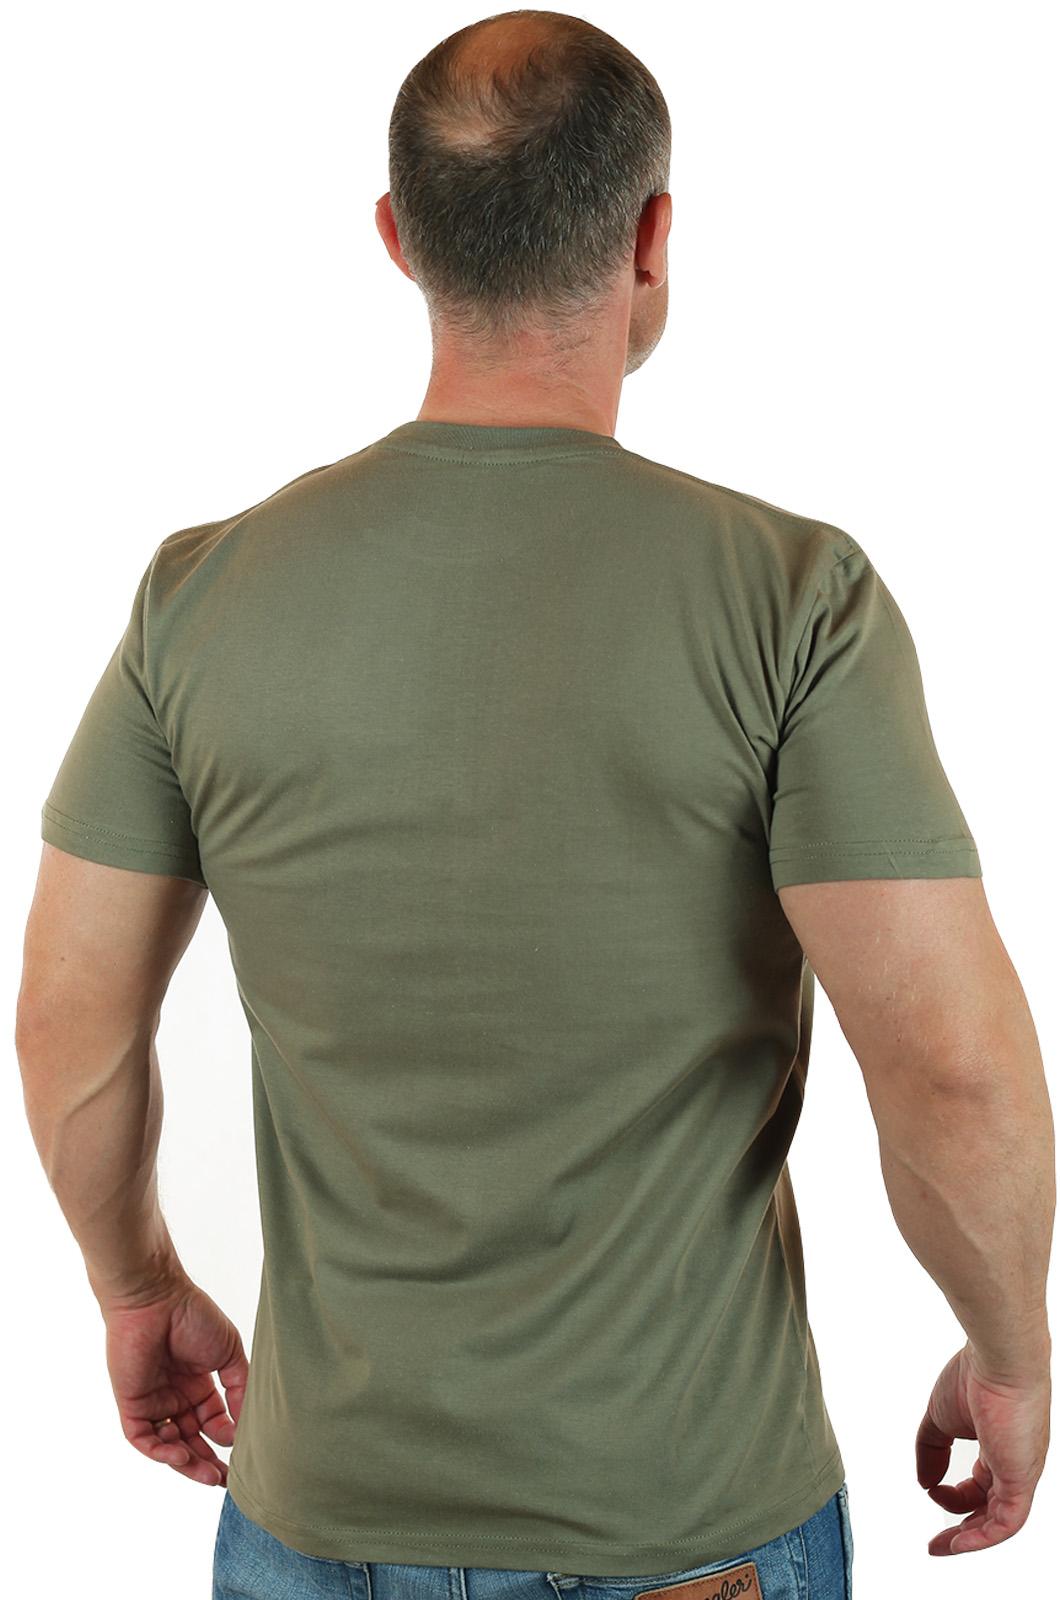 Купить в Москве качественную футболку с доставкой